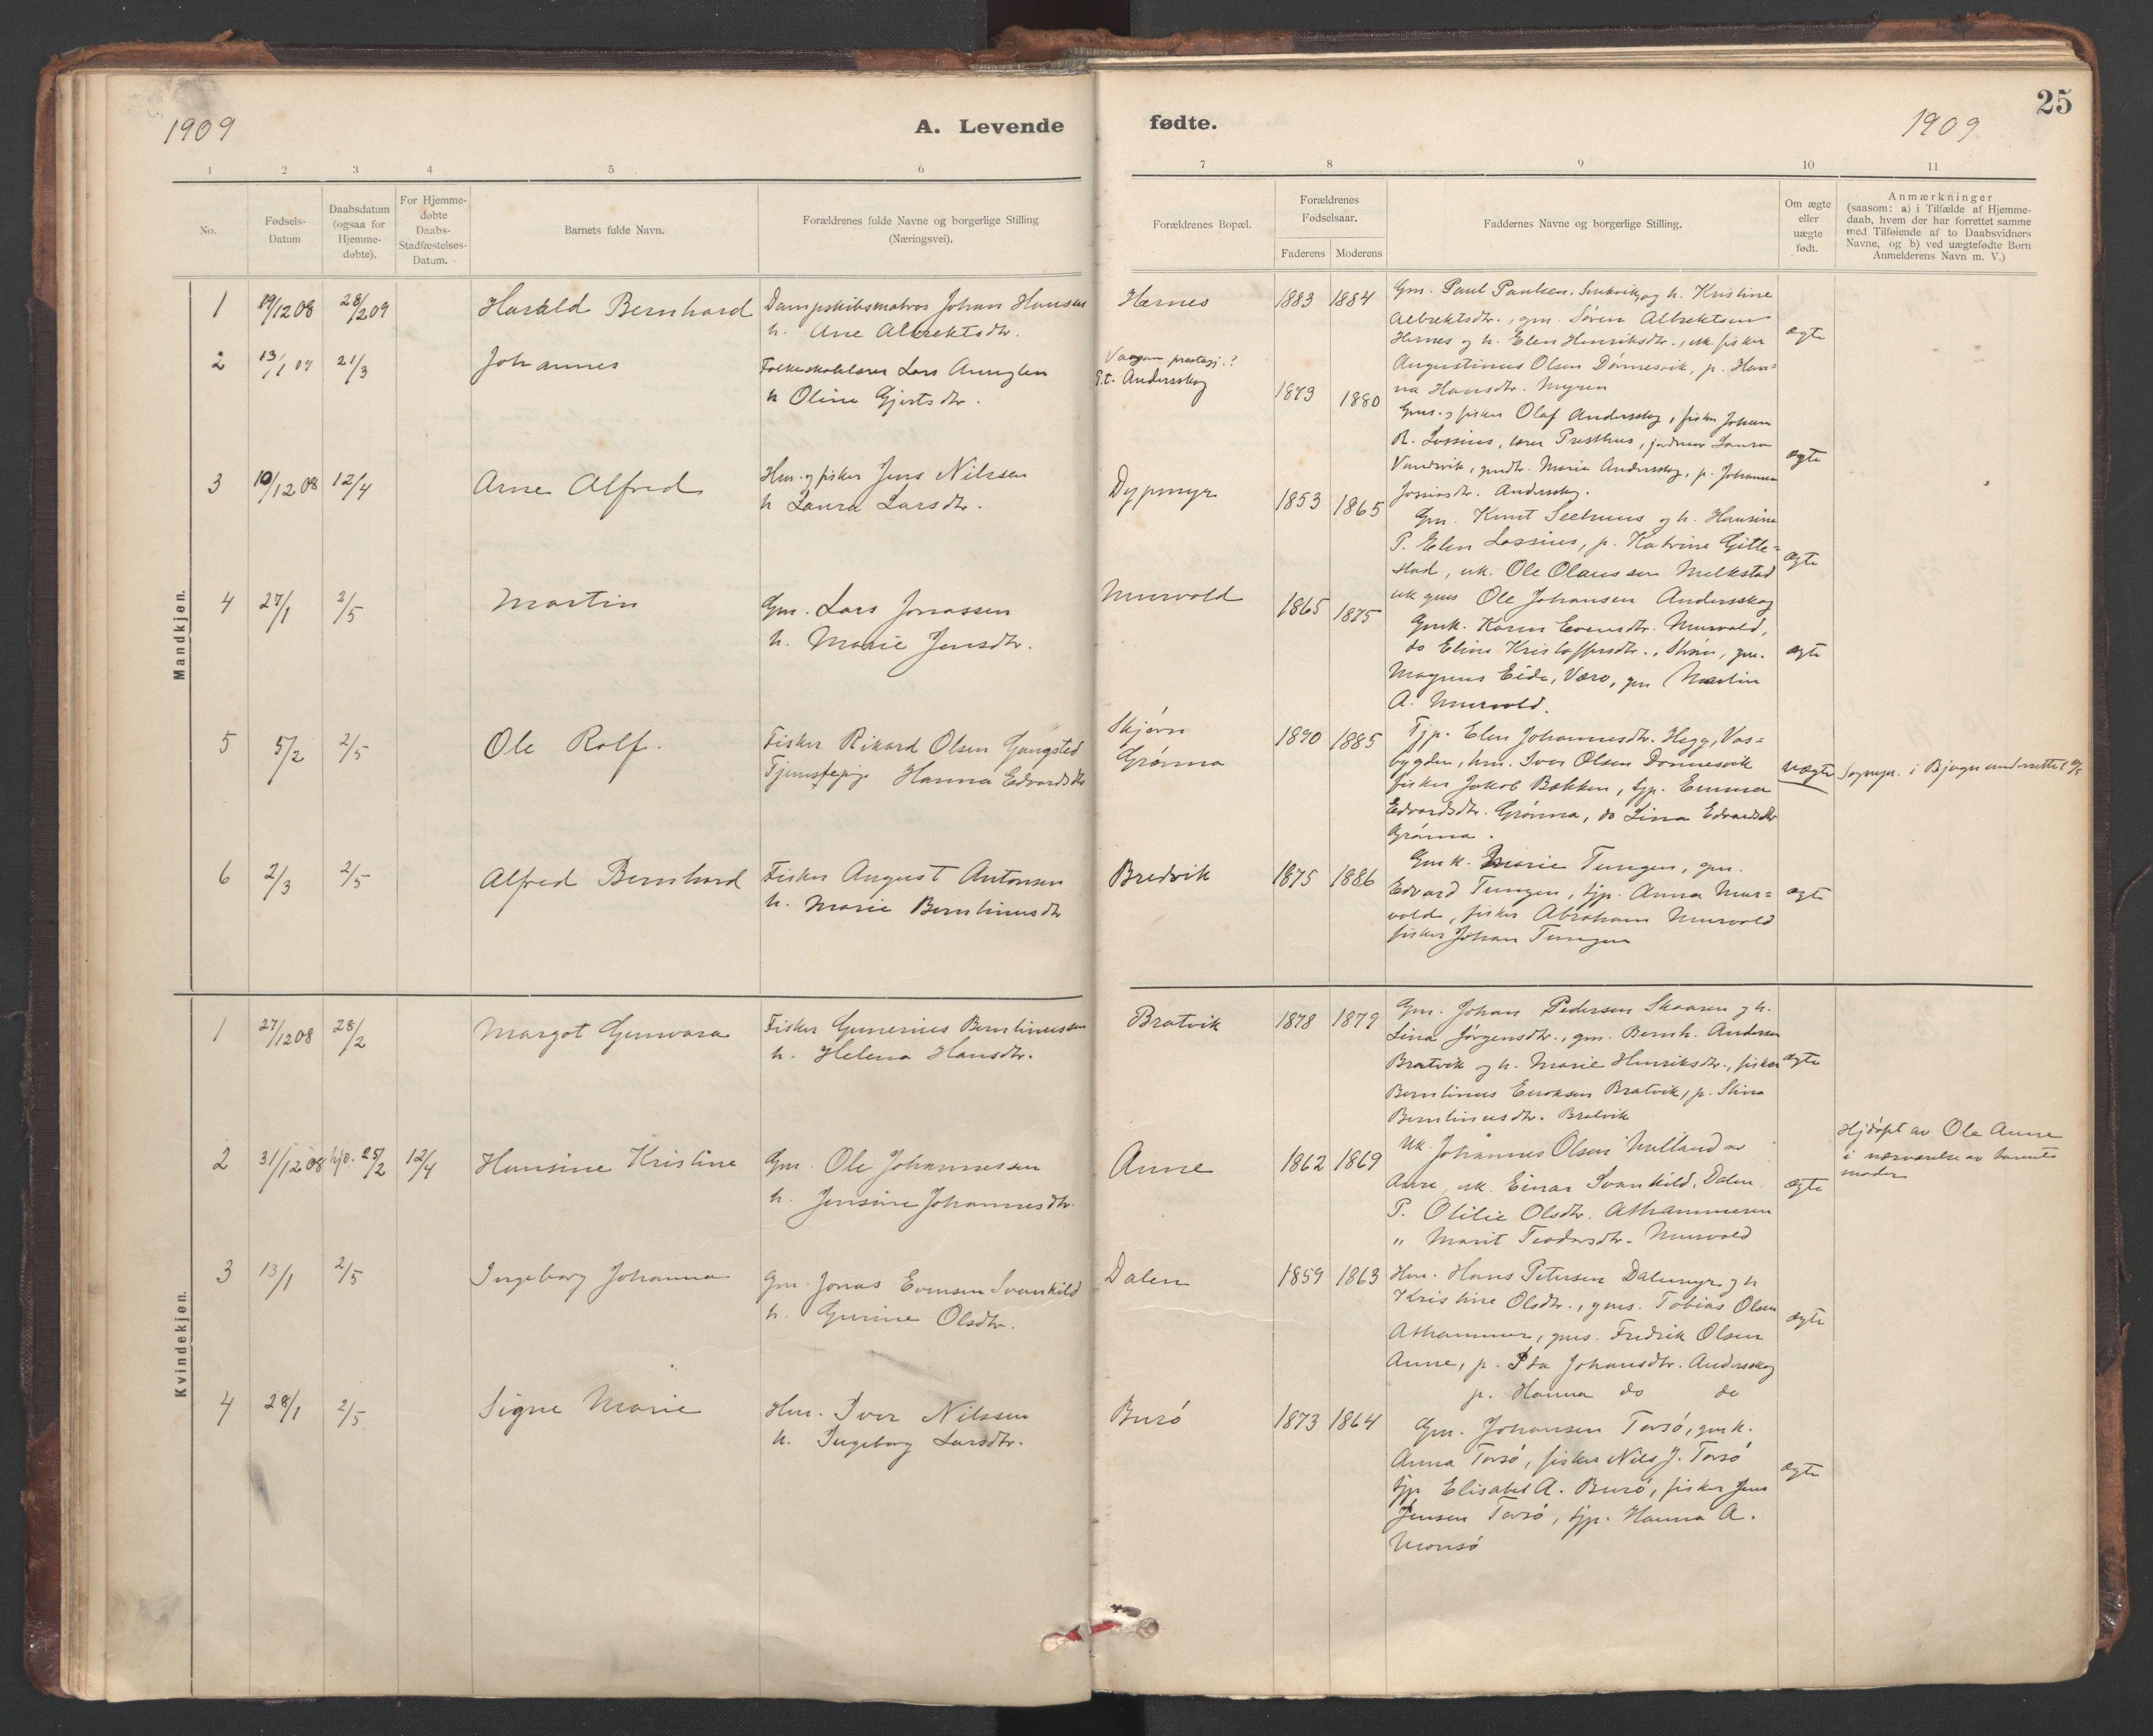 SAT, Ministerialprotokoller, klokkerbøker og fødselsregistre - Sør-Trøndelag, 635/L0552: Ministerialbok nr. 635A02, 1899-1919, s. 25